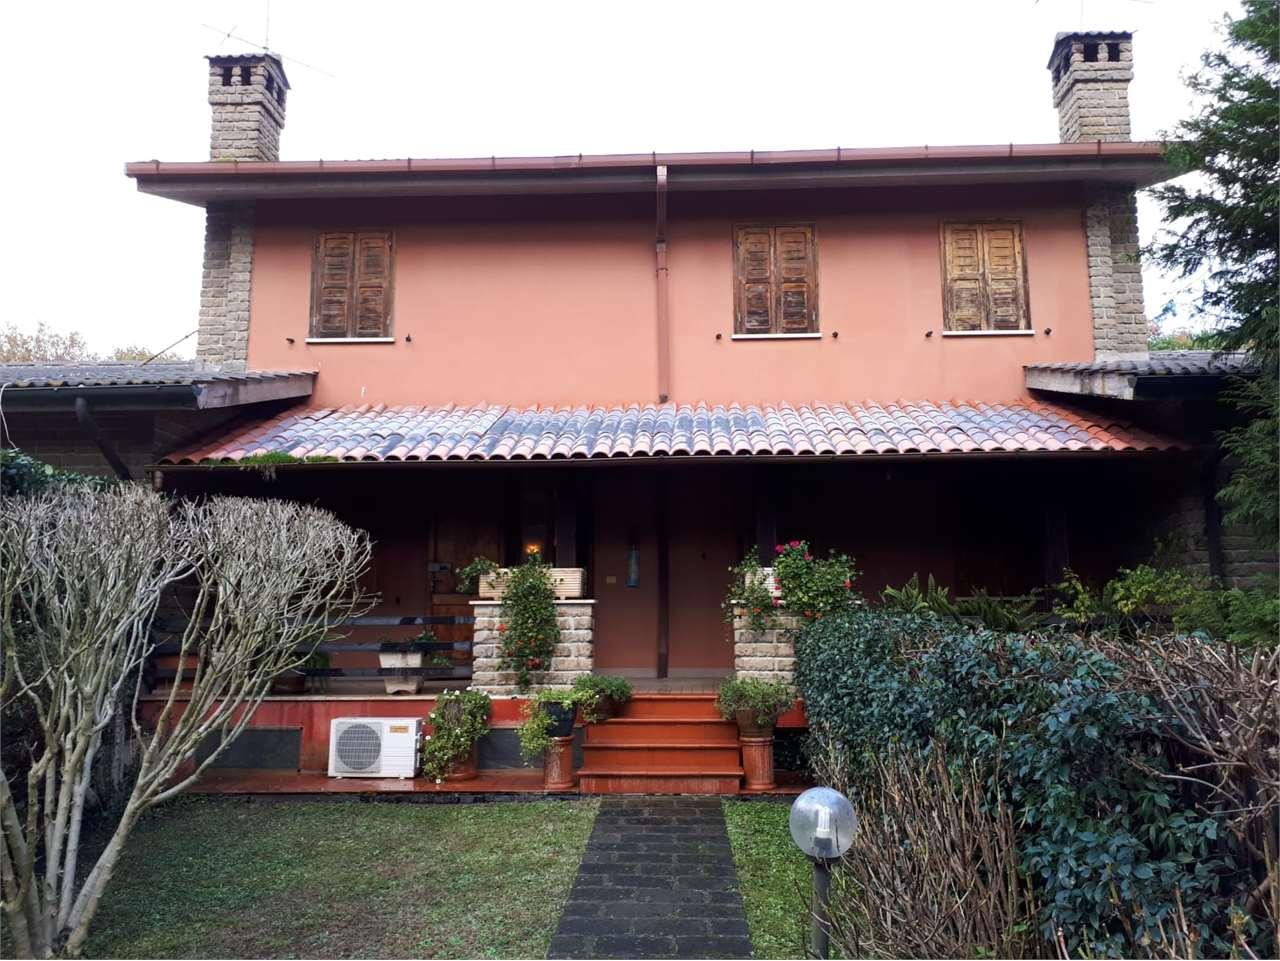 Villa Bifamiliare in vendita a Manziana, 13 locali, prezzo € 270.000 | CambioCasa.it